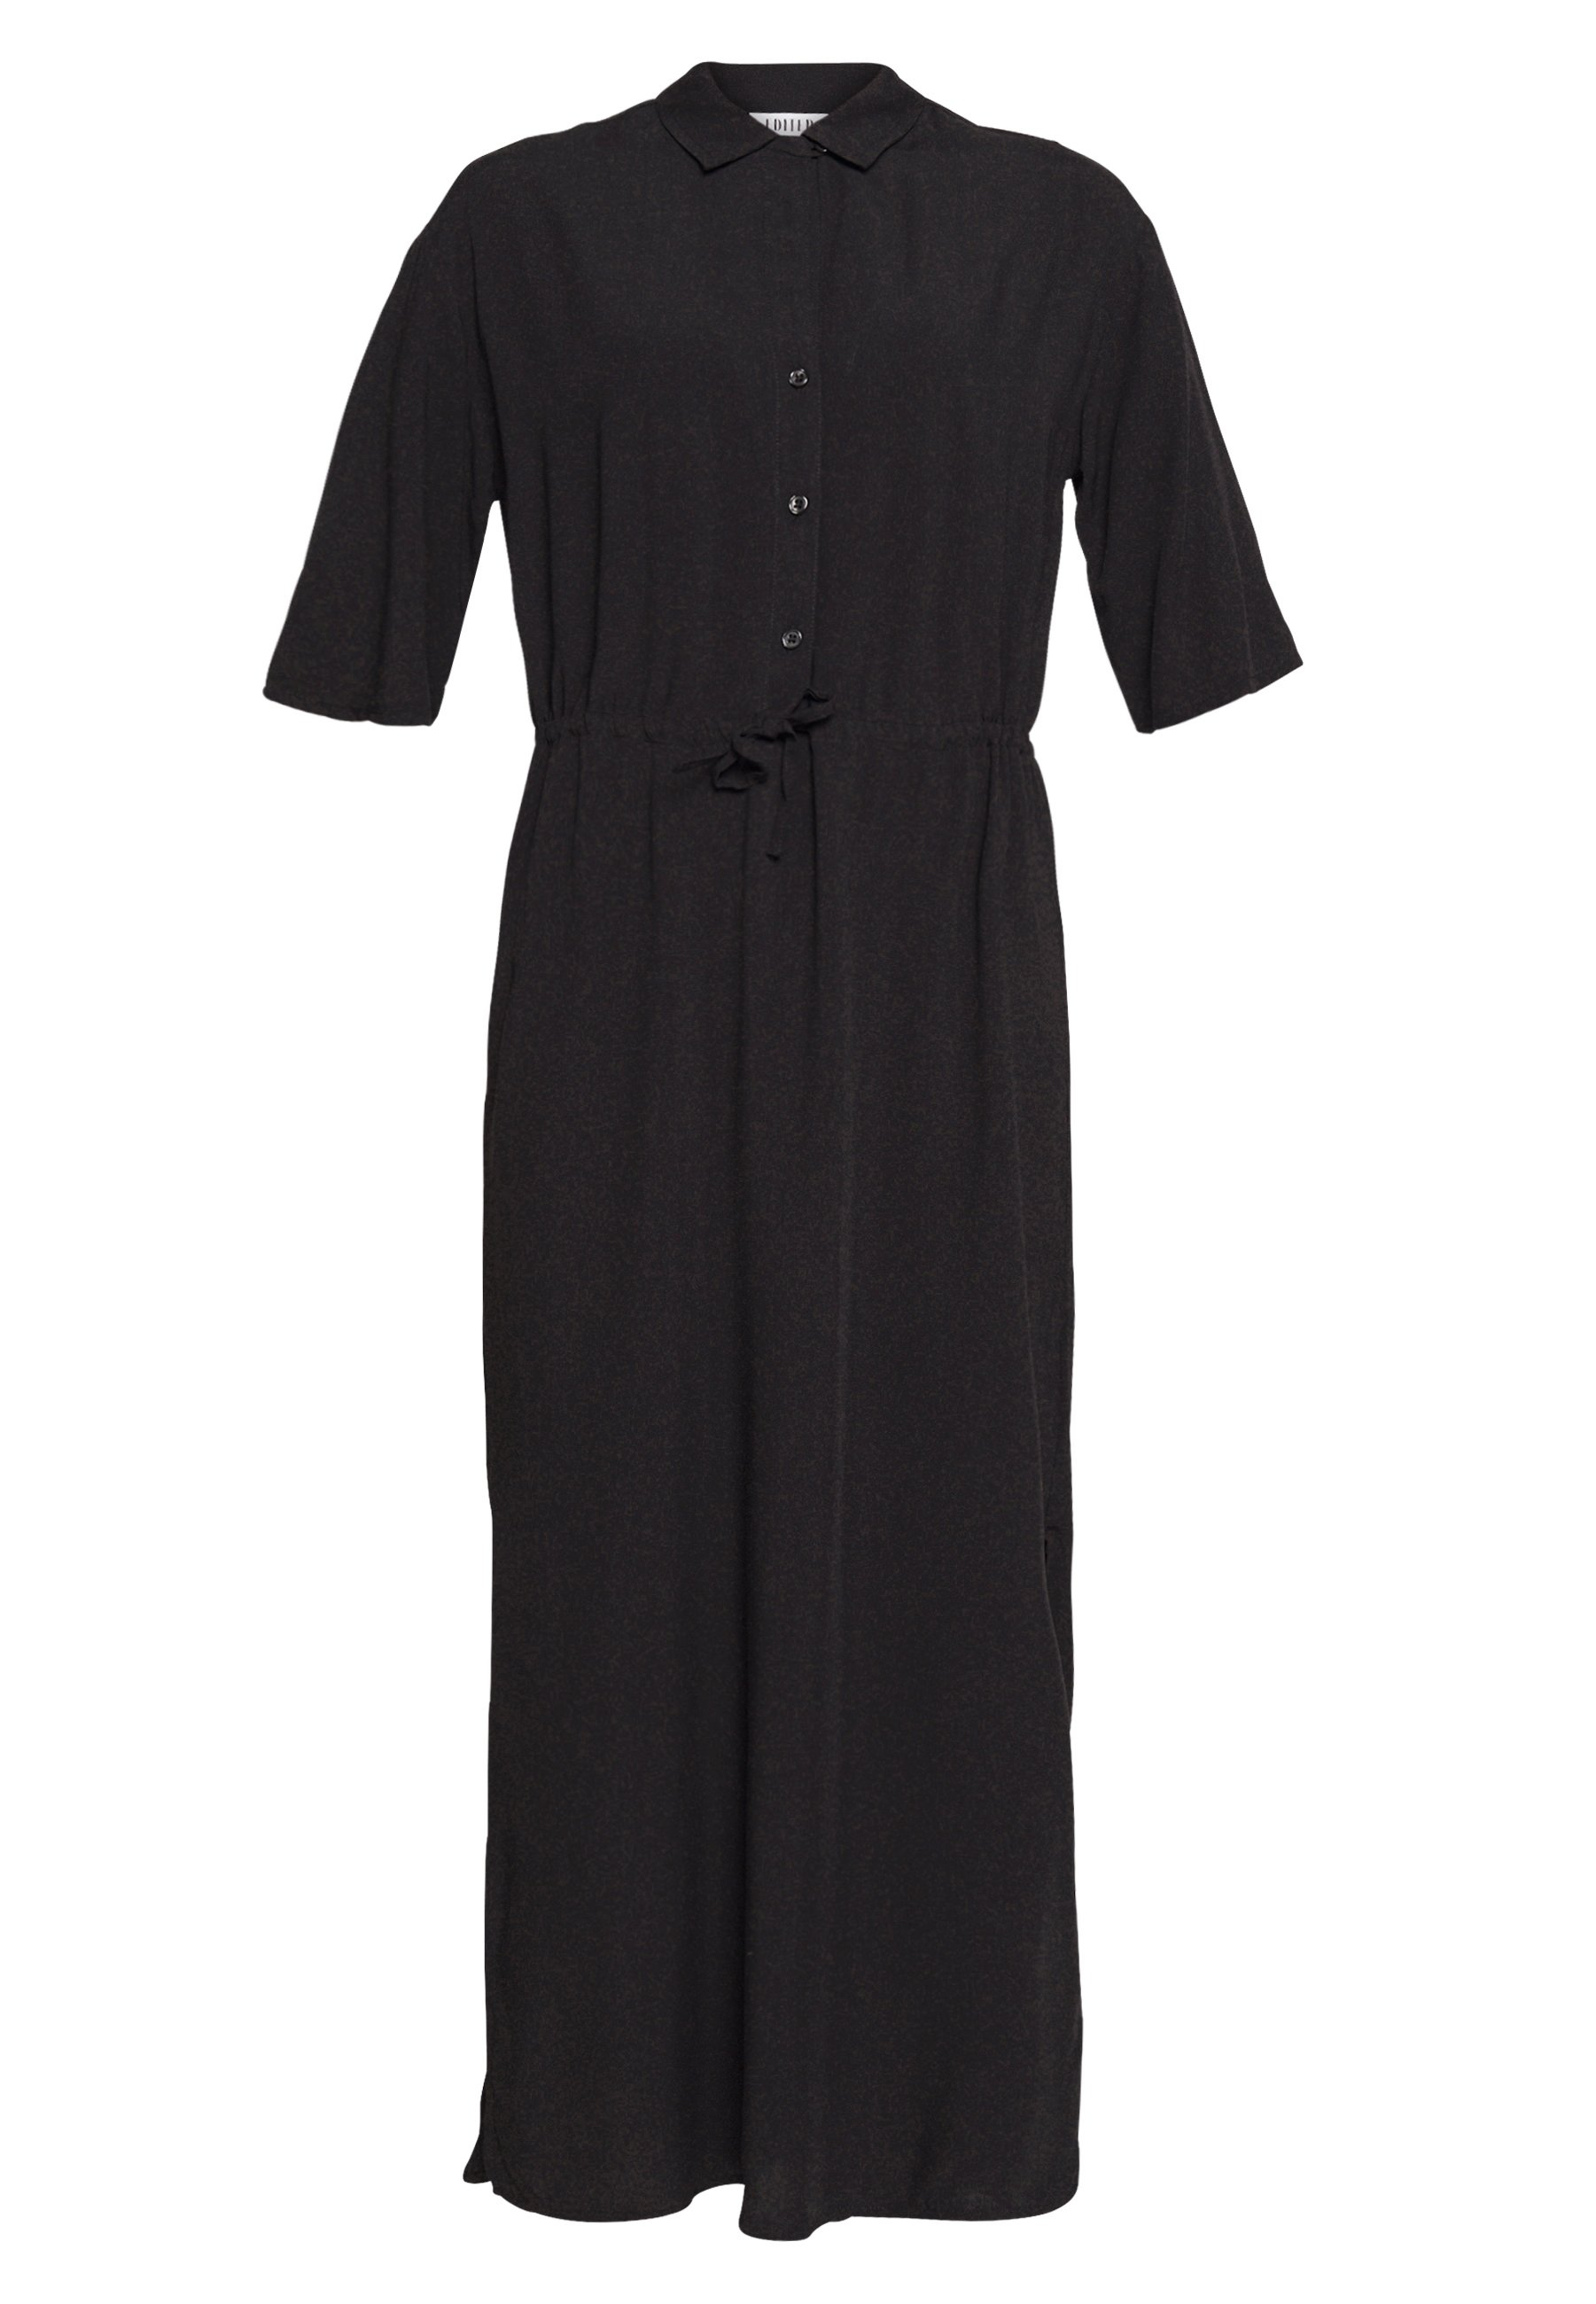 Edited Hester Dress - Hverdagskjoler Black